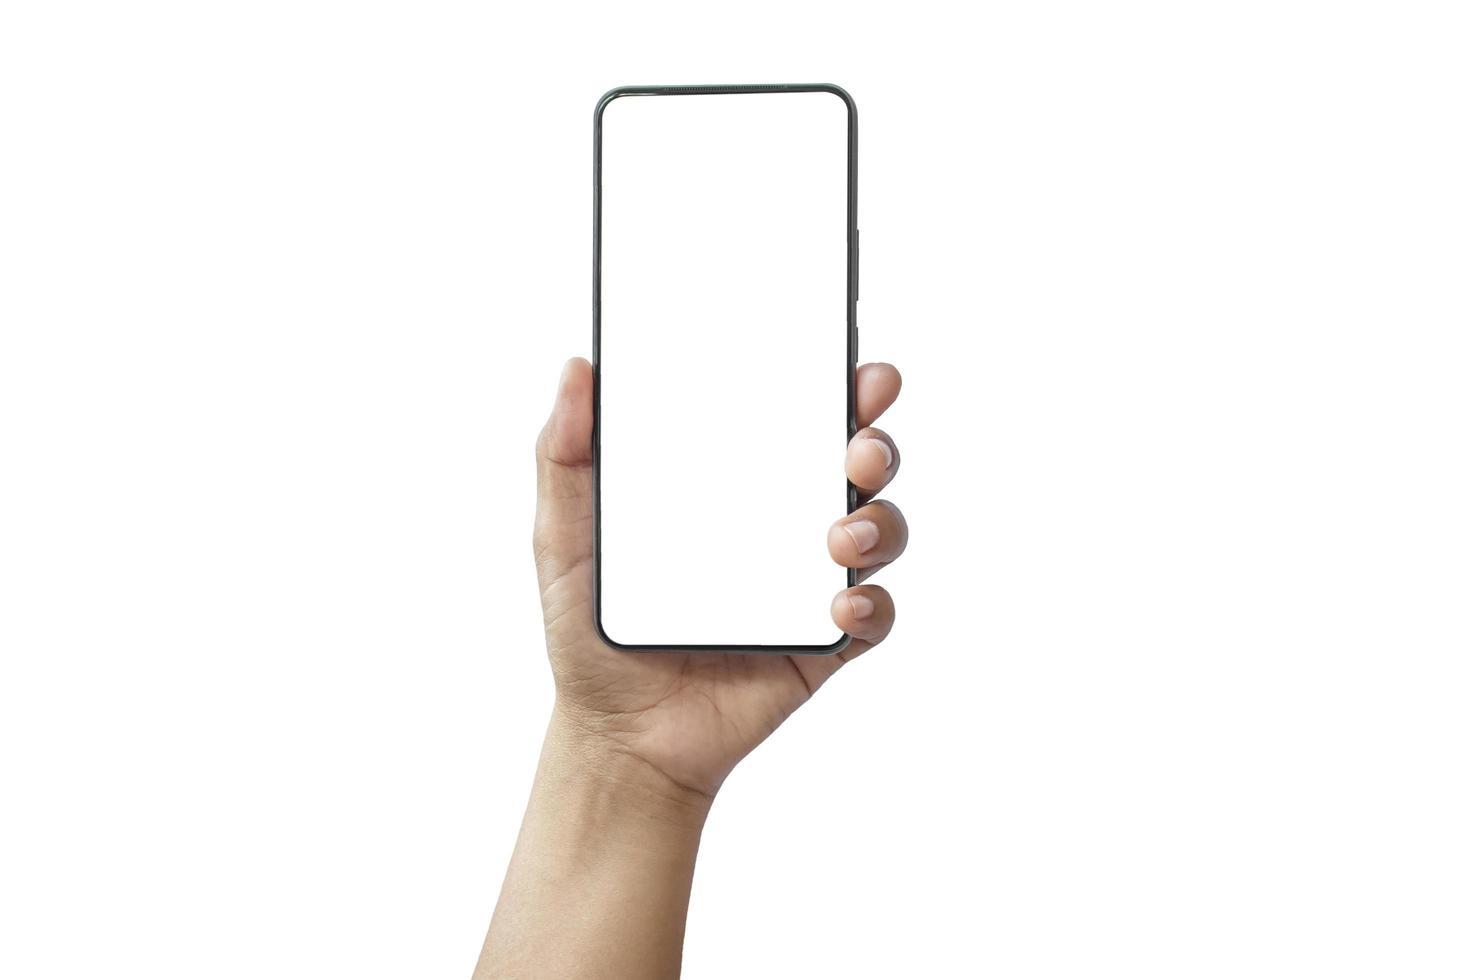 de hand houdt het witte scherm vast, de mobiele telefoon is geïsoleerd op een witte achtergrond met het uitknippad foto